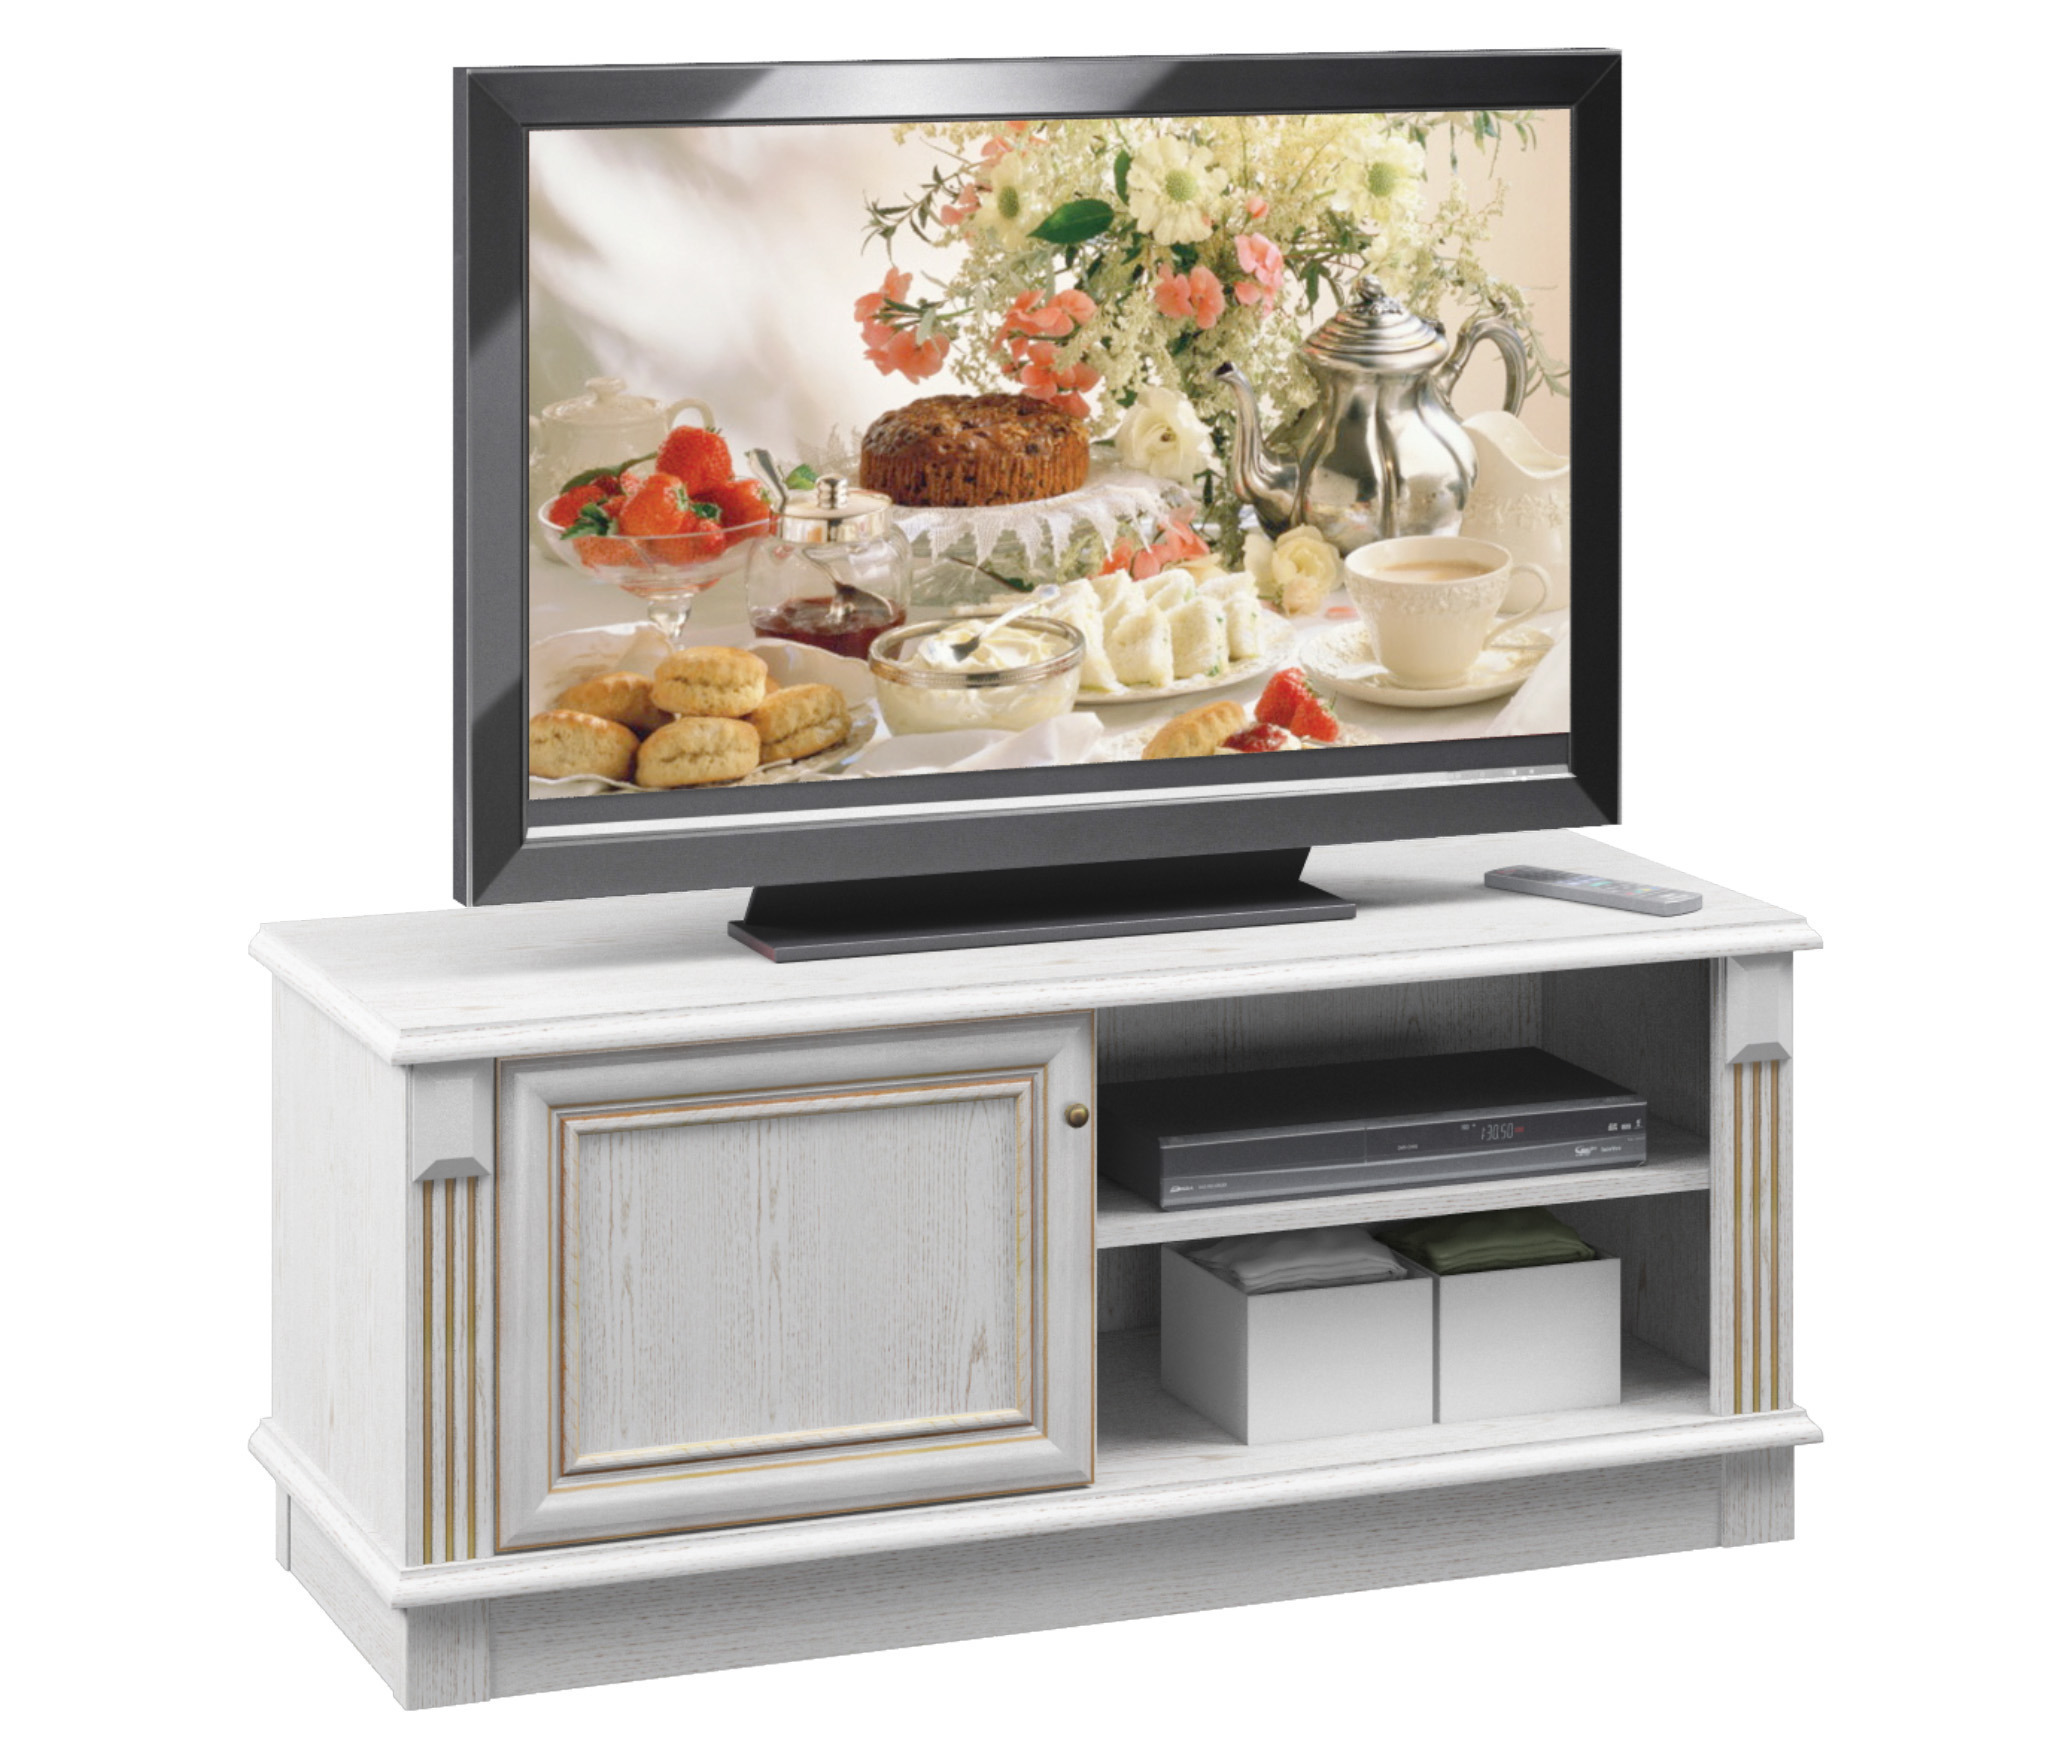 Купить со скидкой Версаль СБ-2049 Тумба ТВ